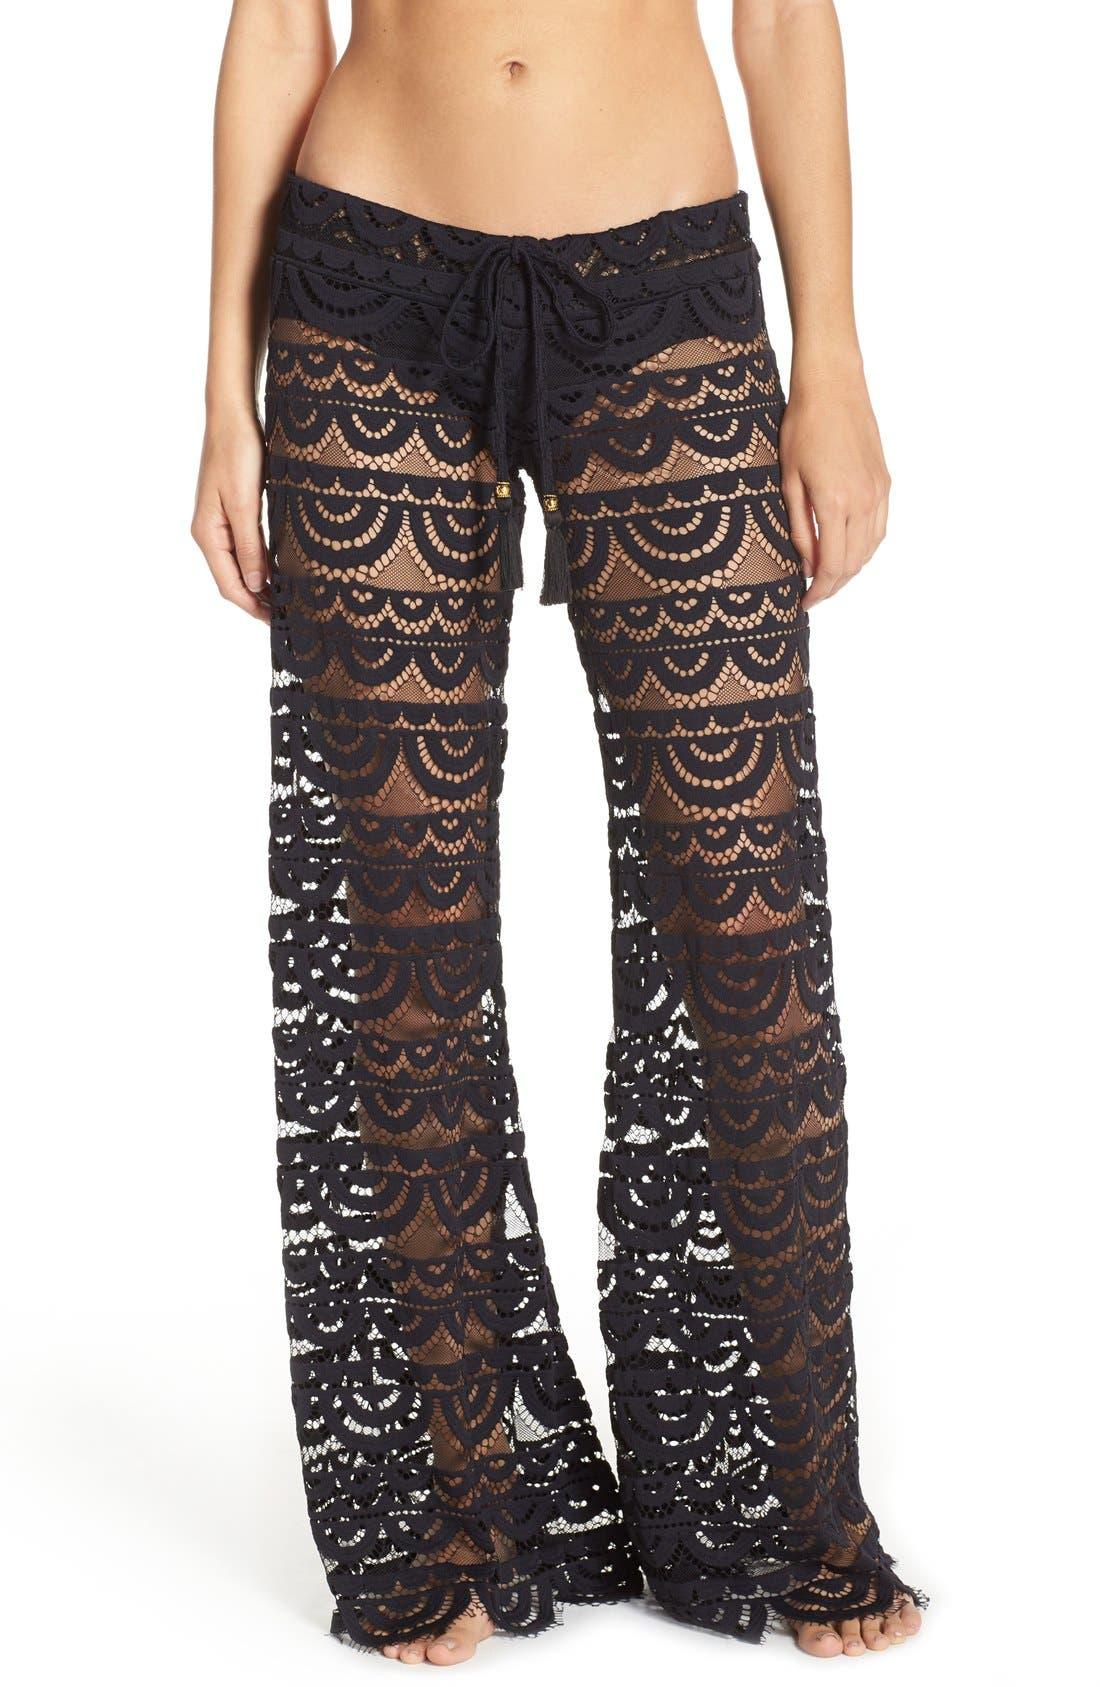 Main Image - PilyQ 'Malibu' Lace Cover-Up Pants